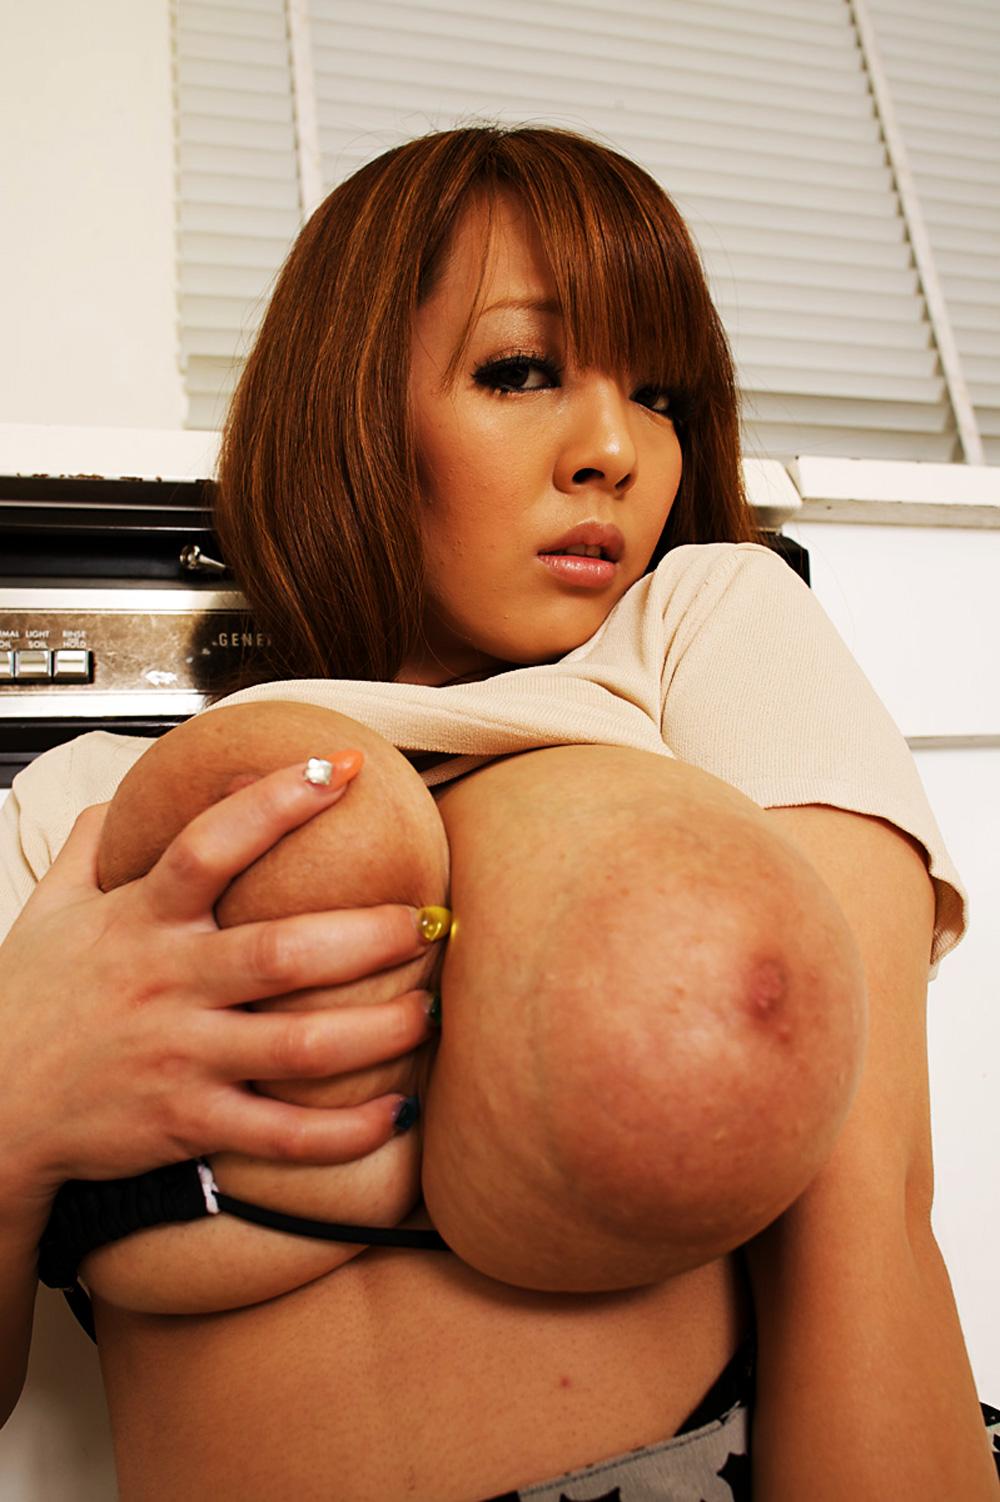 Сделан очень порно японки большие сиськи прощения, что